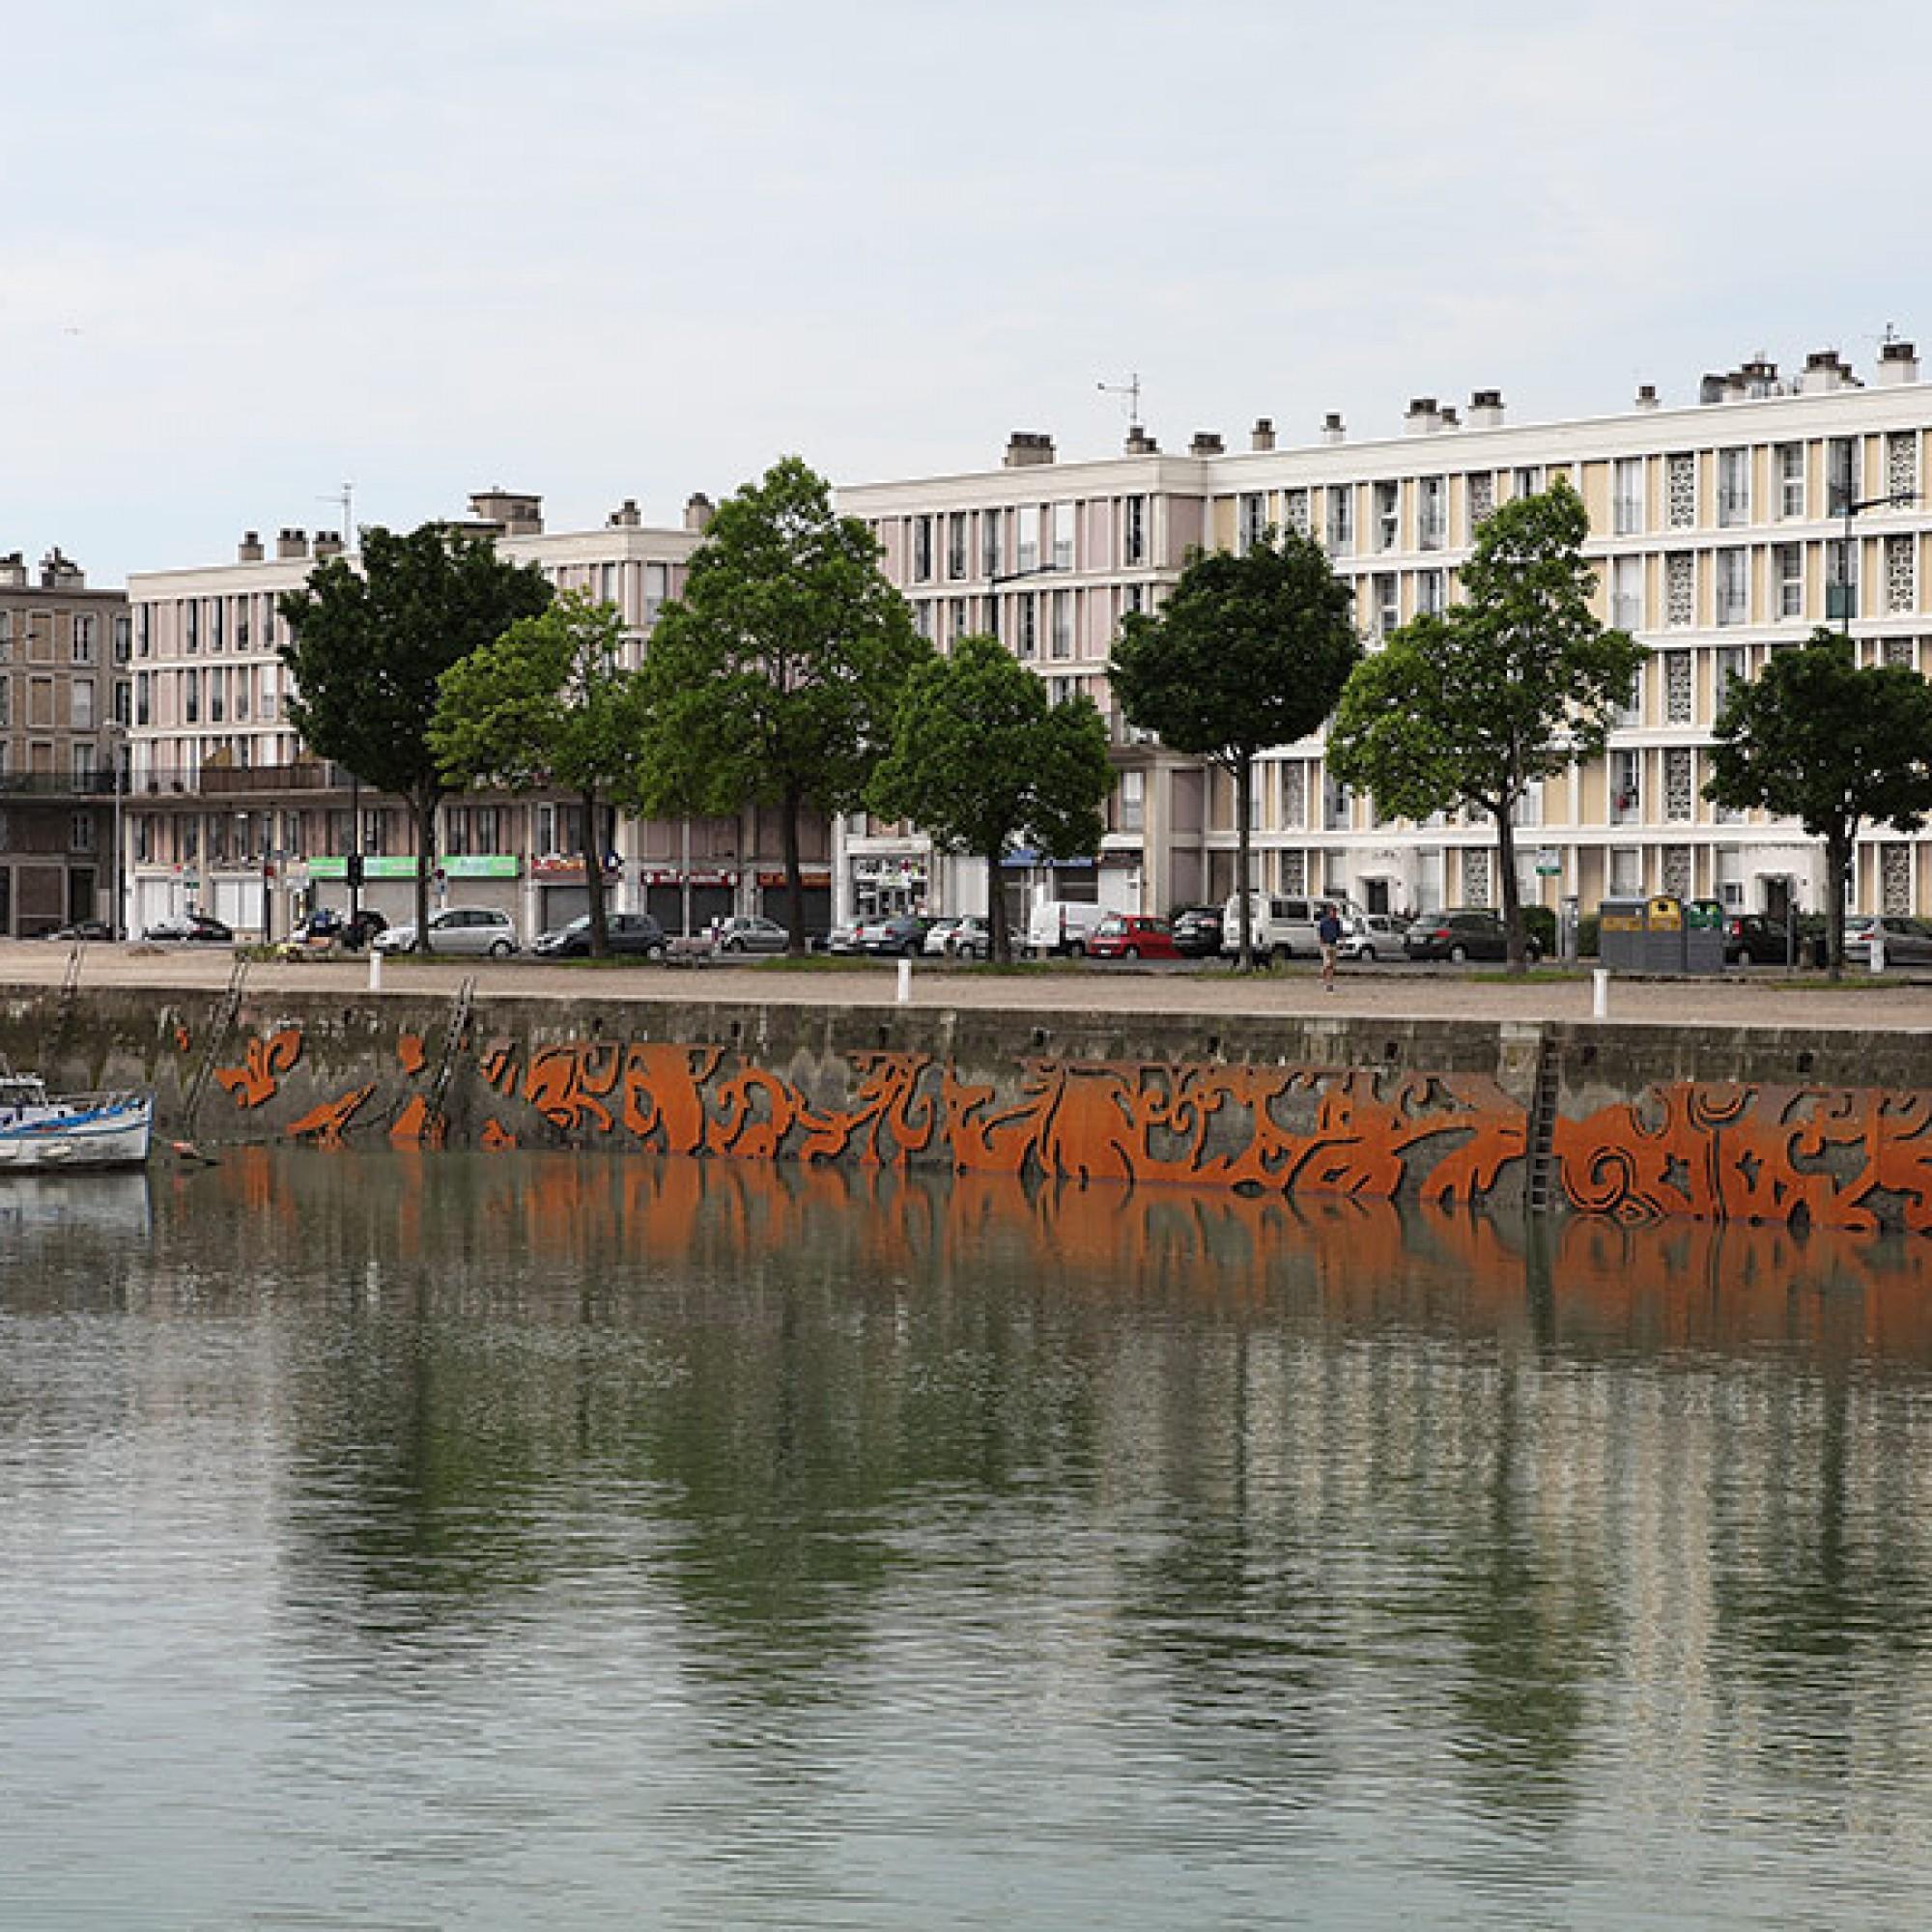 Je nach Lichteinfall und Wetter verschmelzen die Ornamente mit der Umgebung.  (Studio Baptiste Debombourg & Galerie Patricia Dorfmann, Paris)